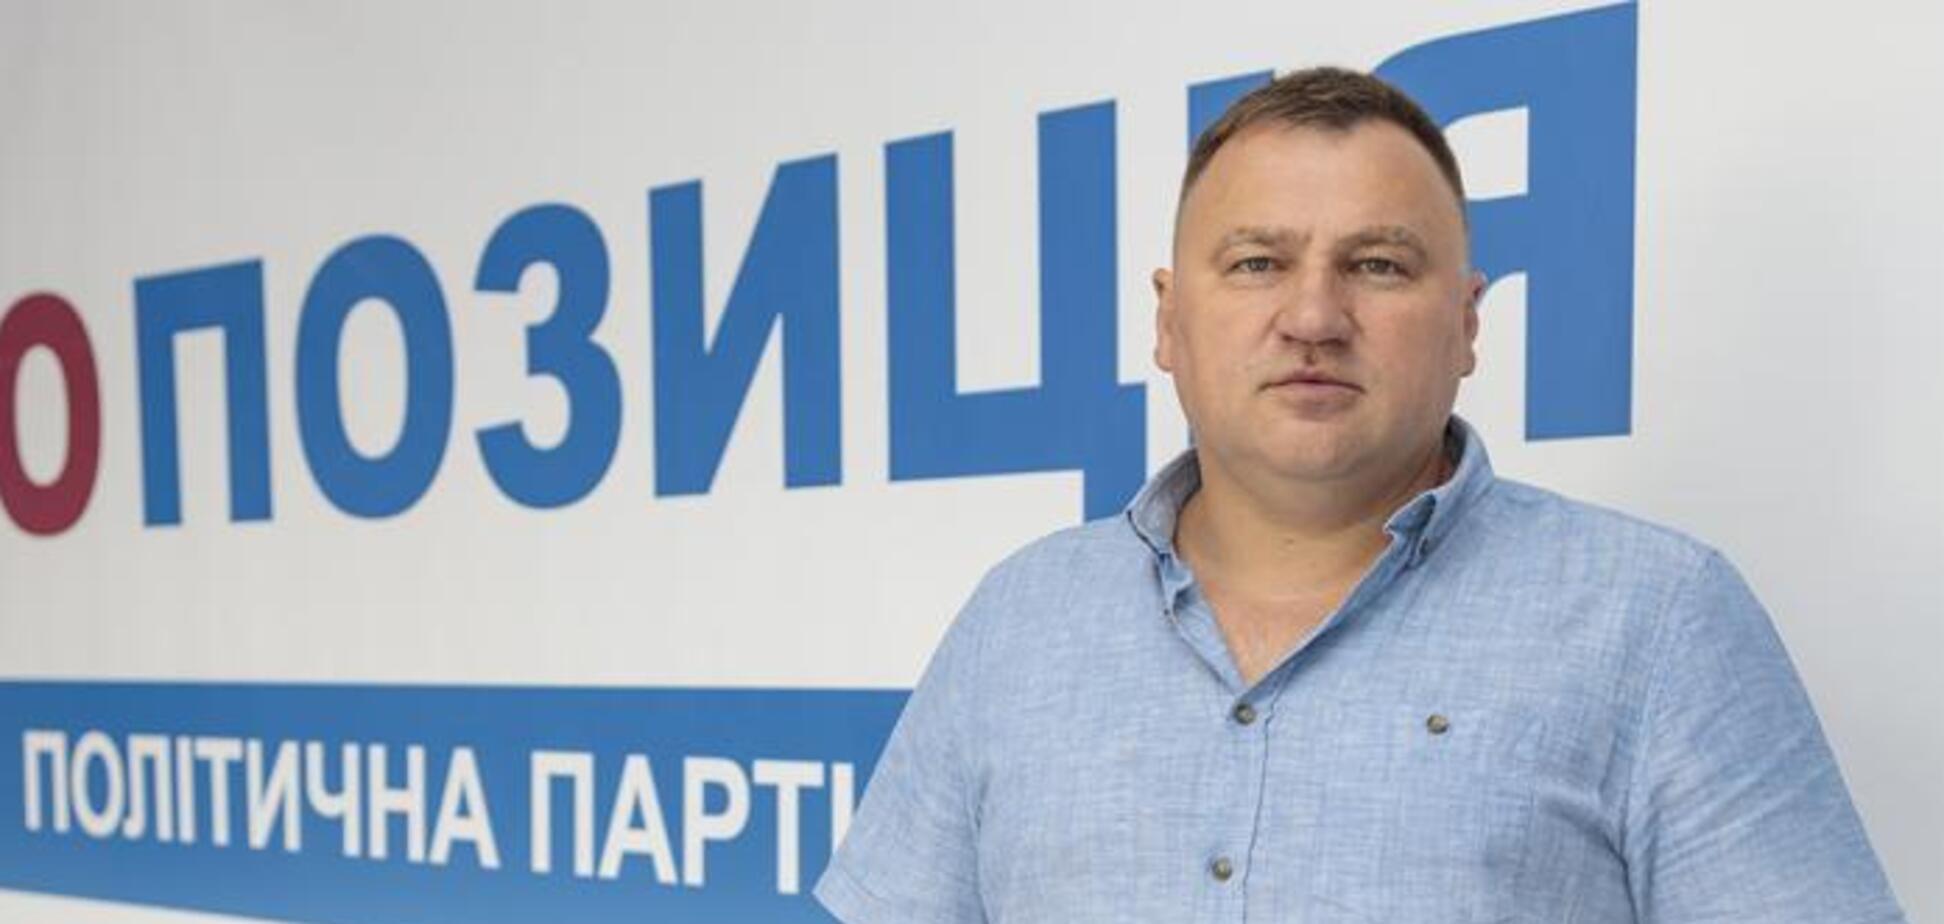 Виталий Коваленко: 'Каменскому нужен капитальный ремонт'